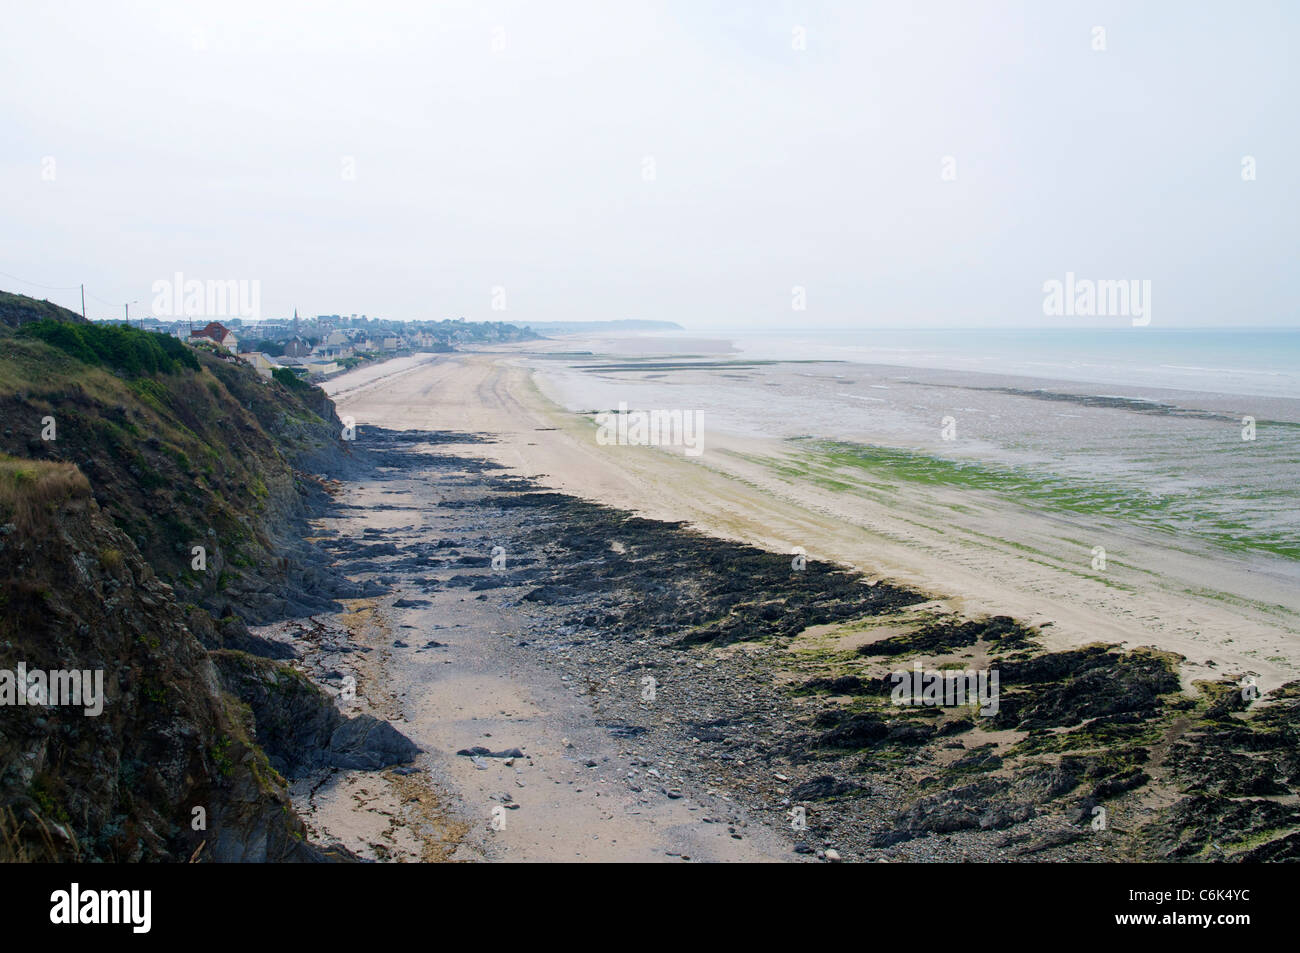 Costa rocosa durante la marea baja entre Granville y Saint-Pair-sur-Mer en Normandía. Foto de stock